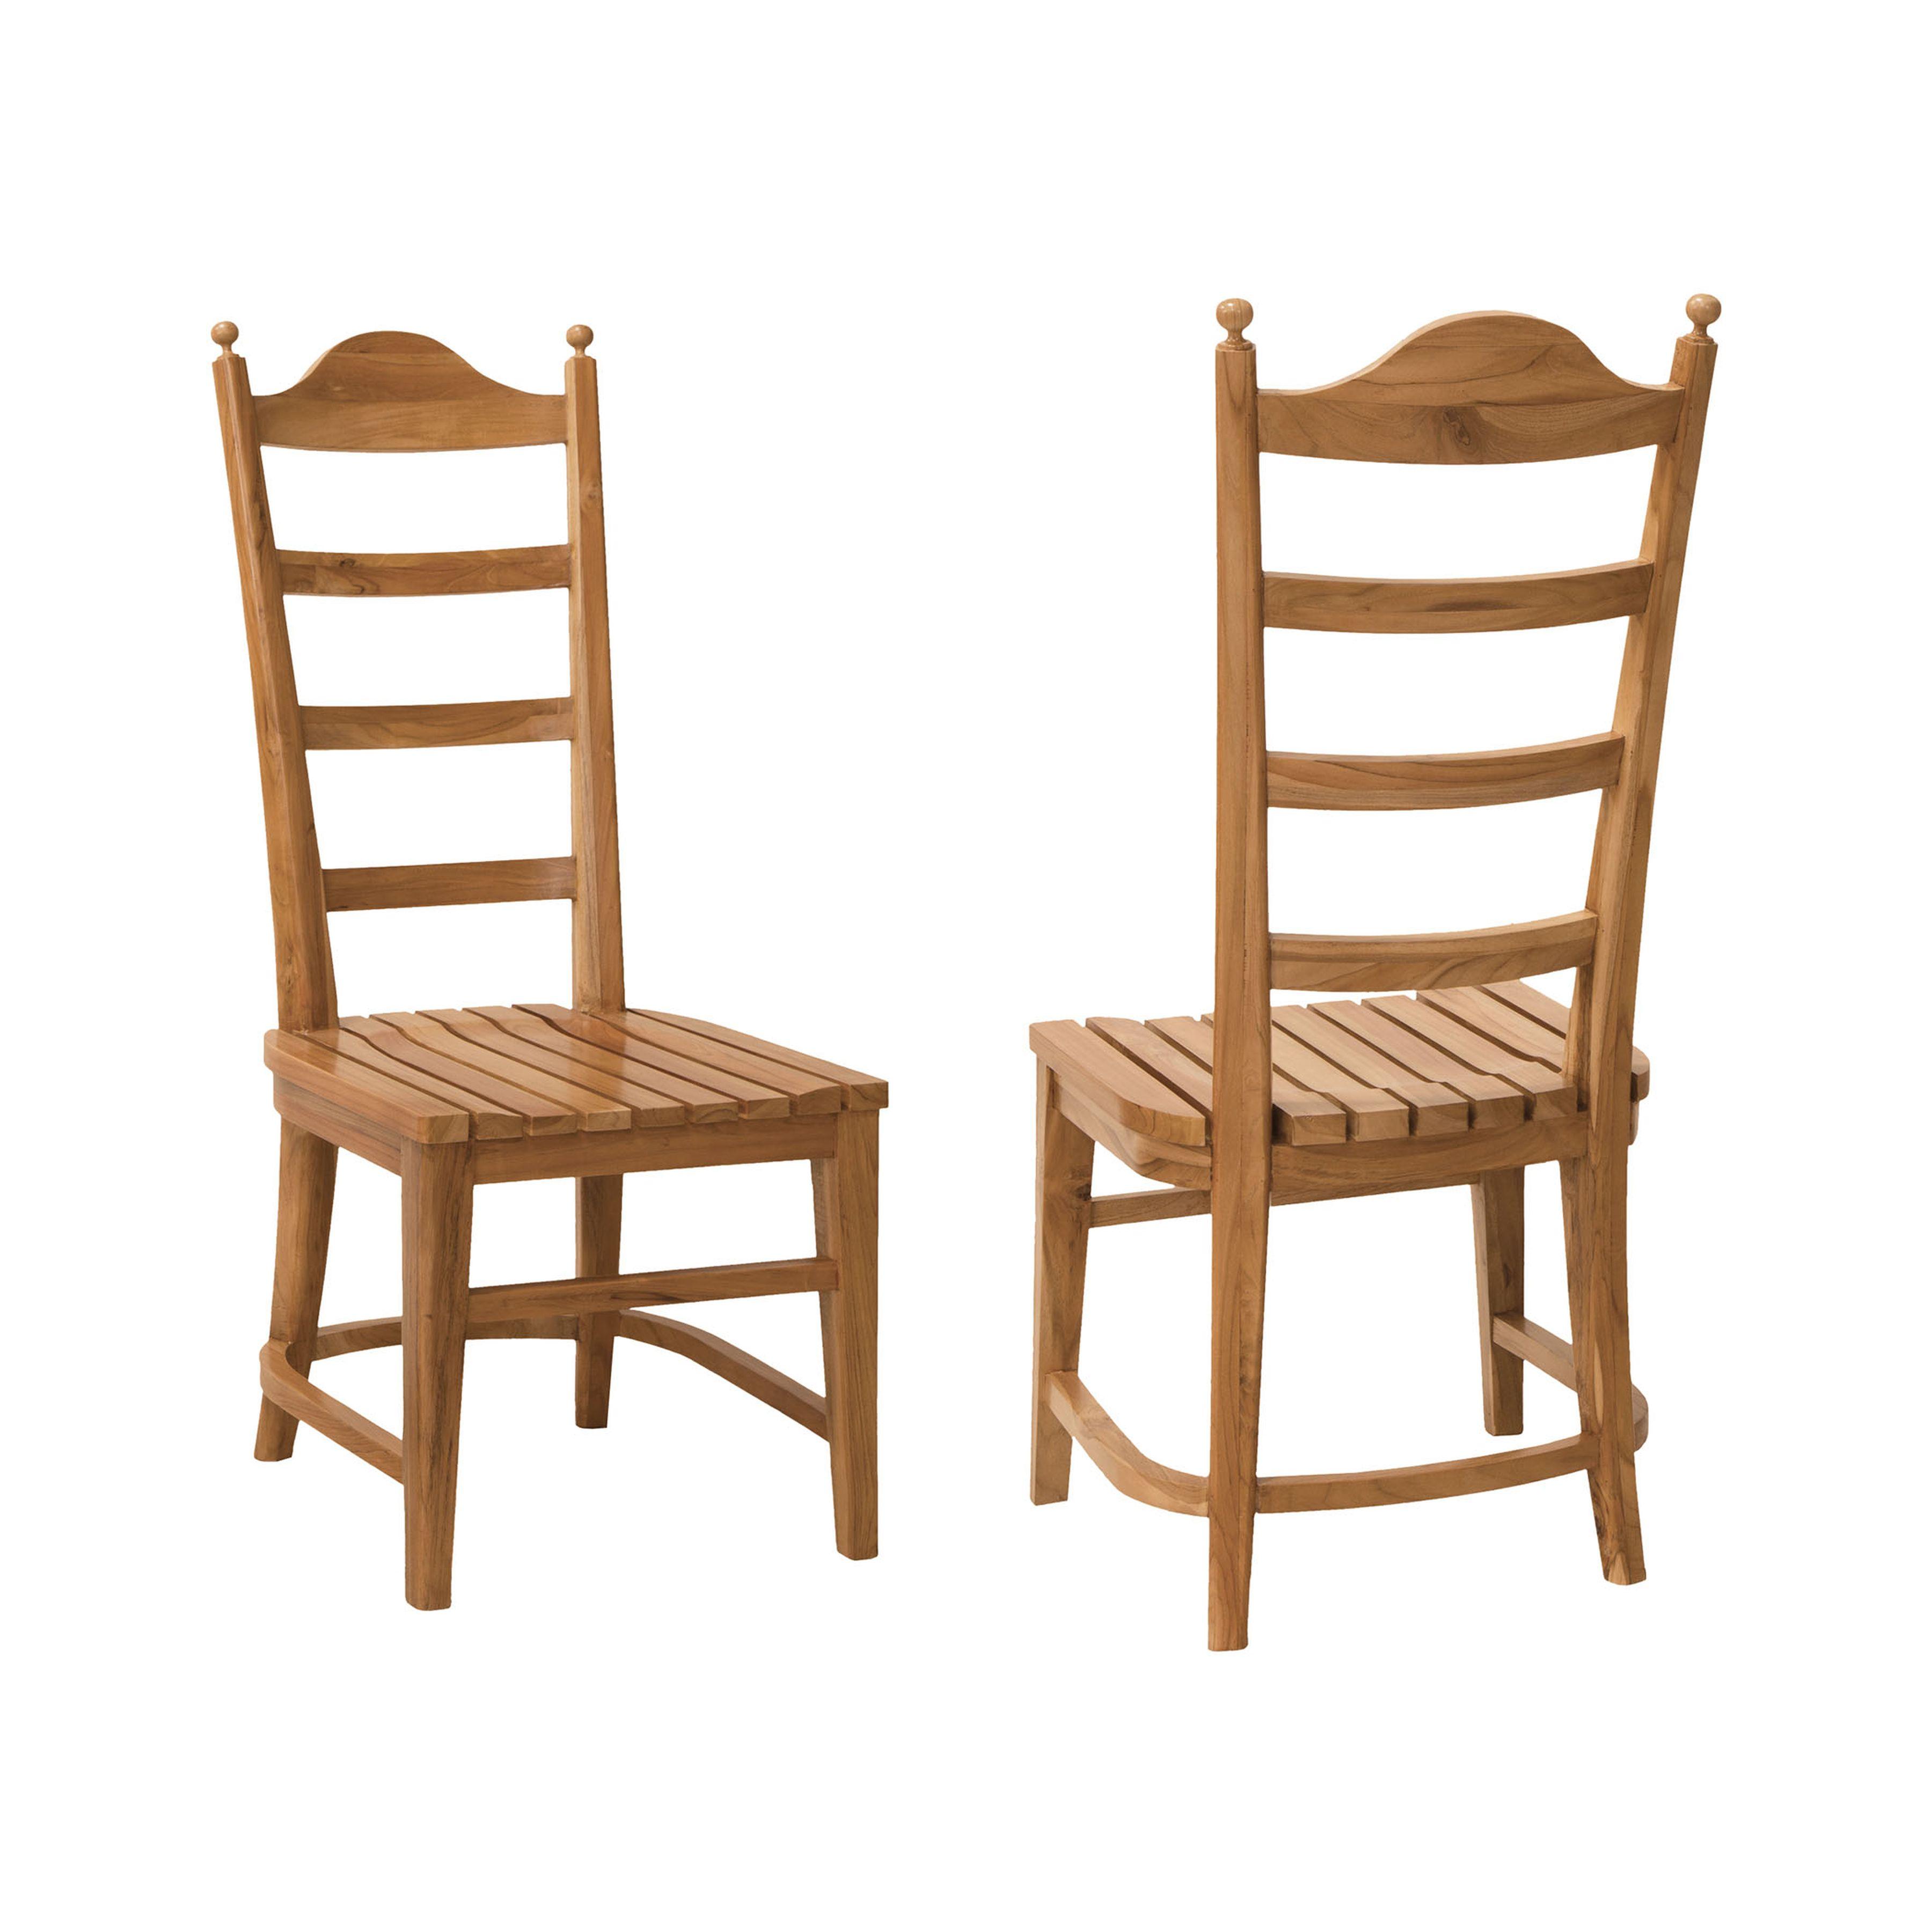 Tuscan Teak Ladder Back Chair Set of 2 6917501P-ET | ELK Home